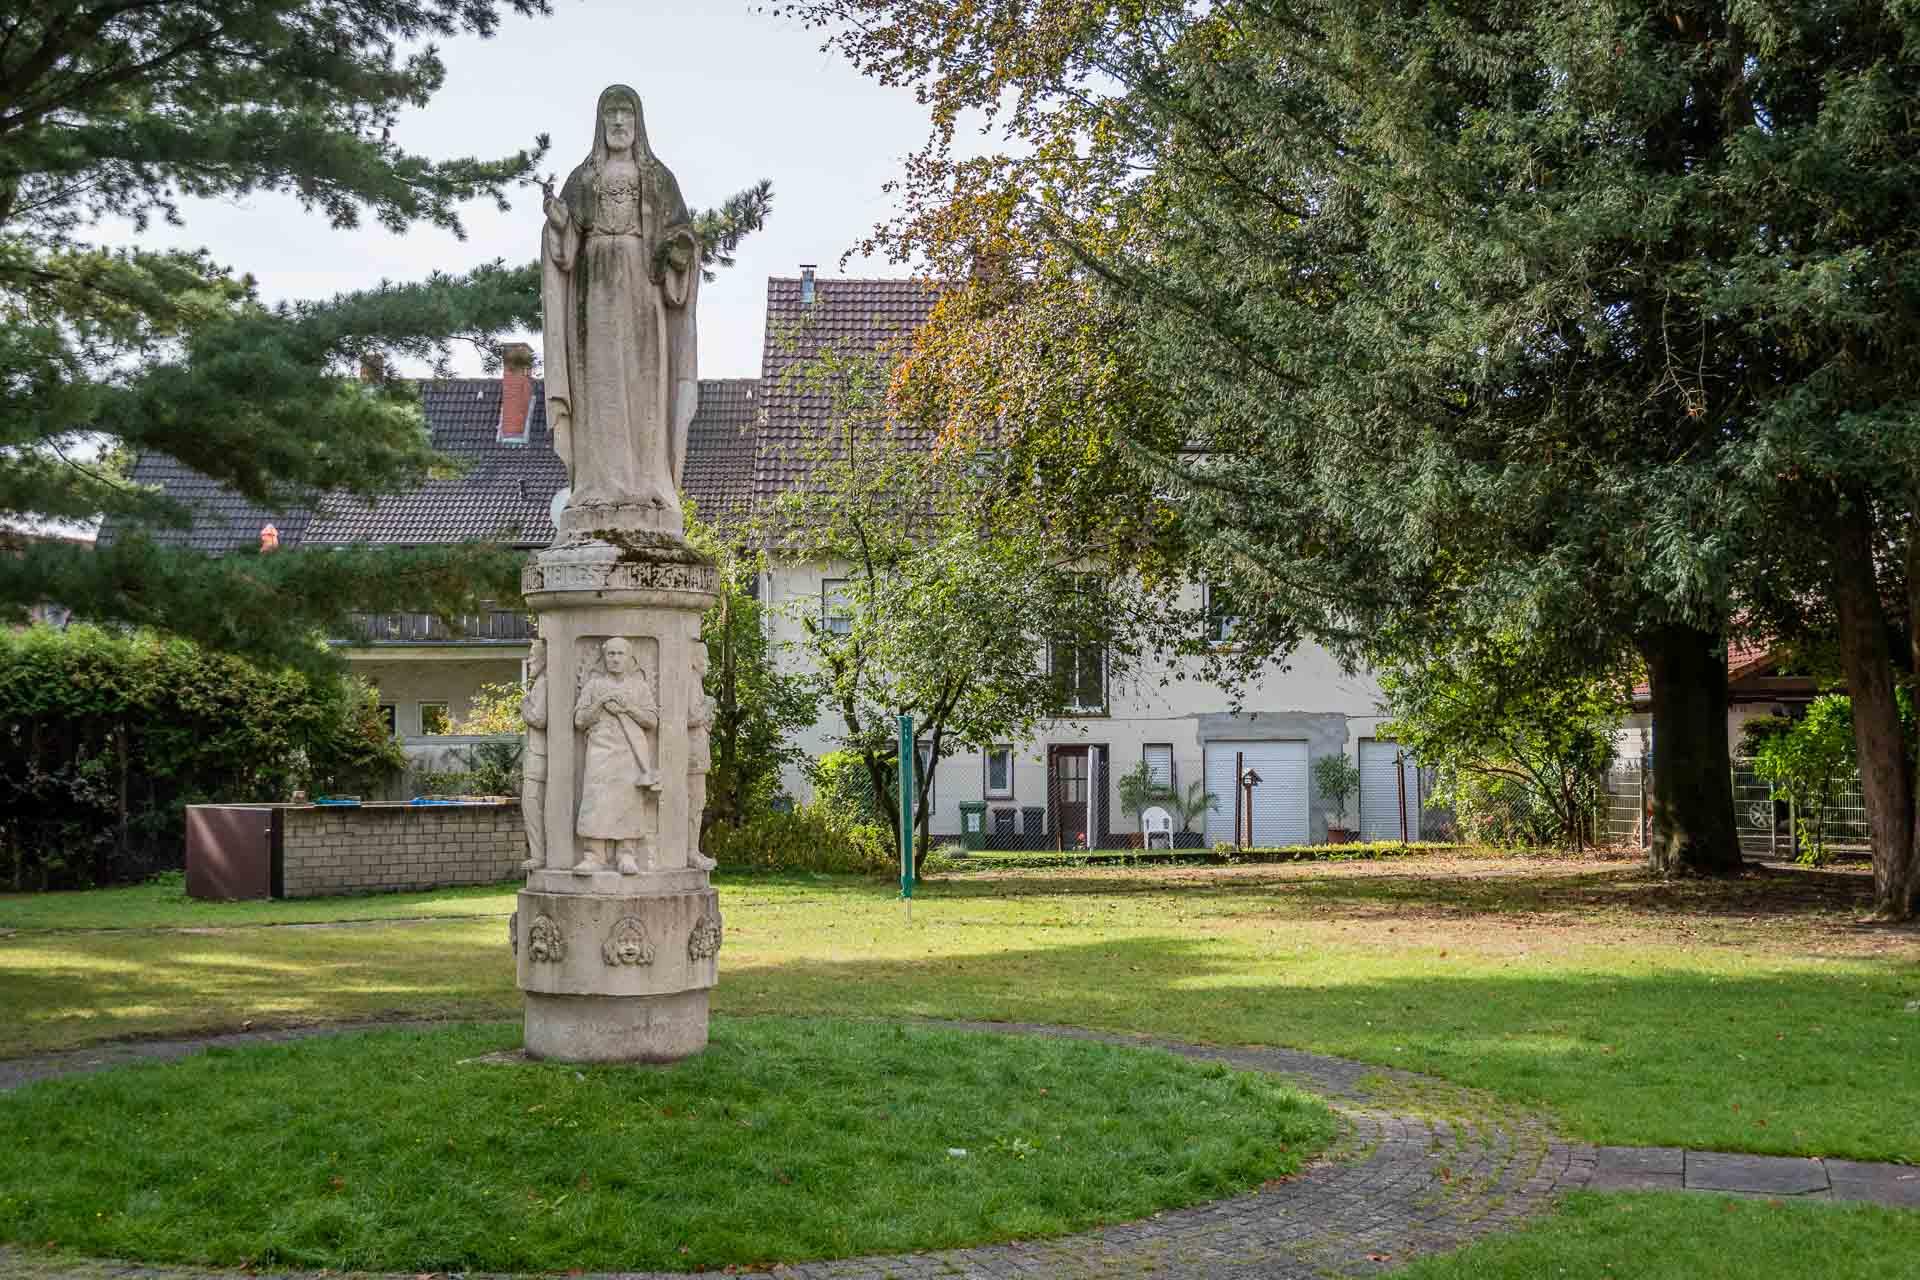 Herz-Jesu Statue in Pastors Garten